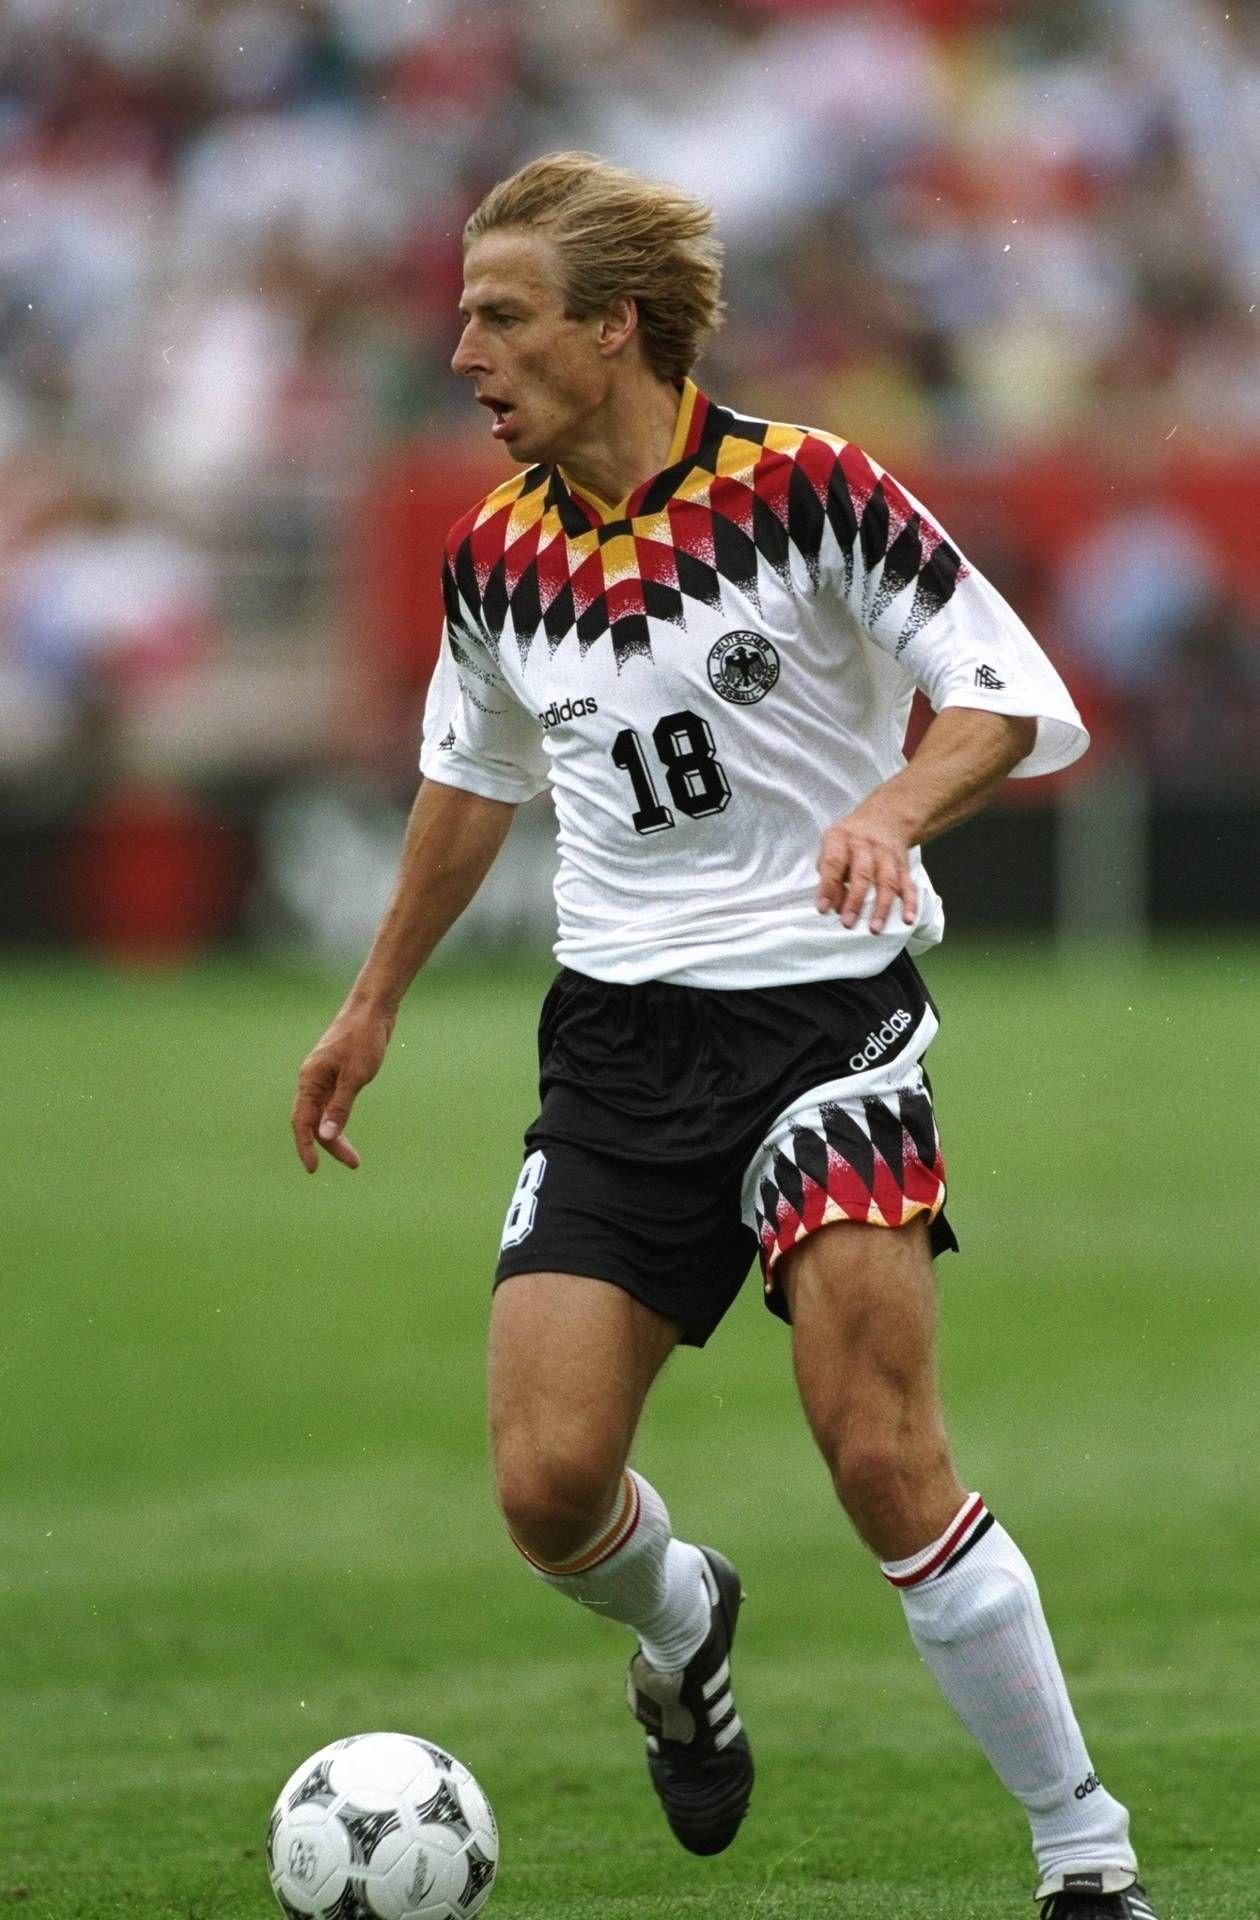 Jurgen Klinsmann During His Days As A Member Of The German National Team Jurgen Klinsmann Best Football Players Germany Football Team